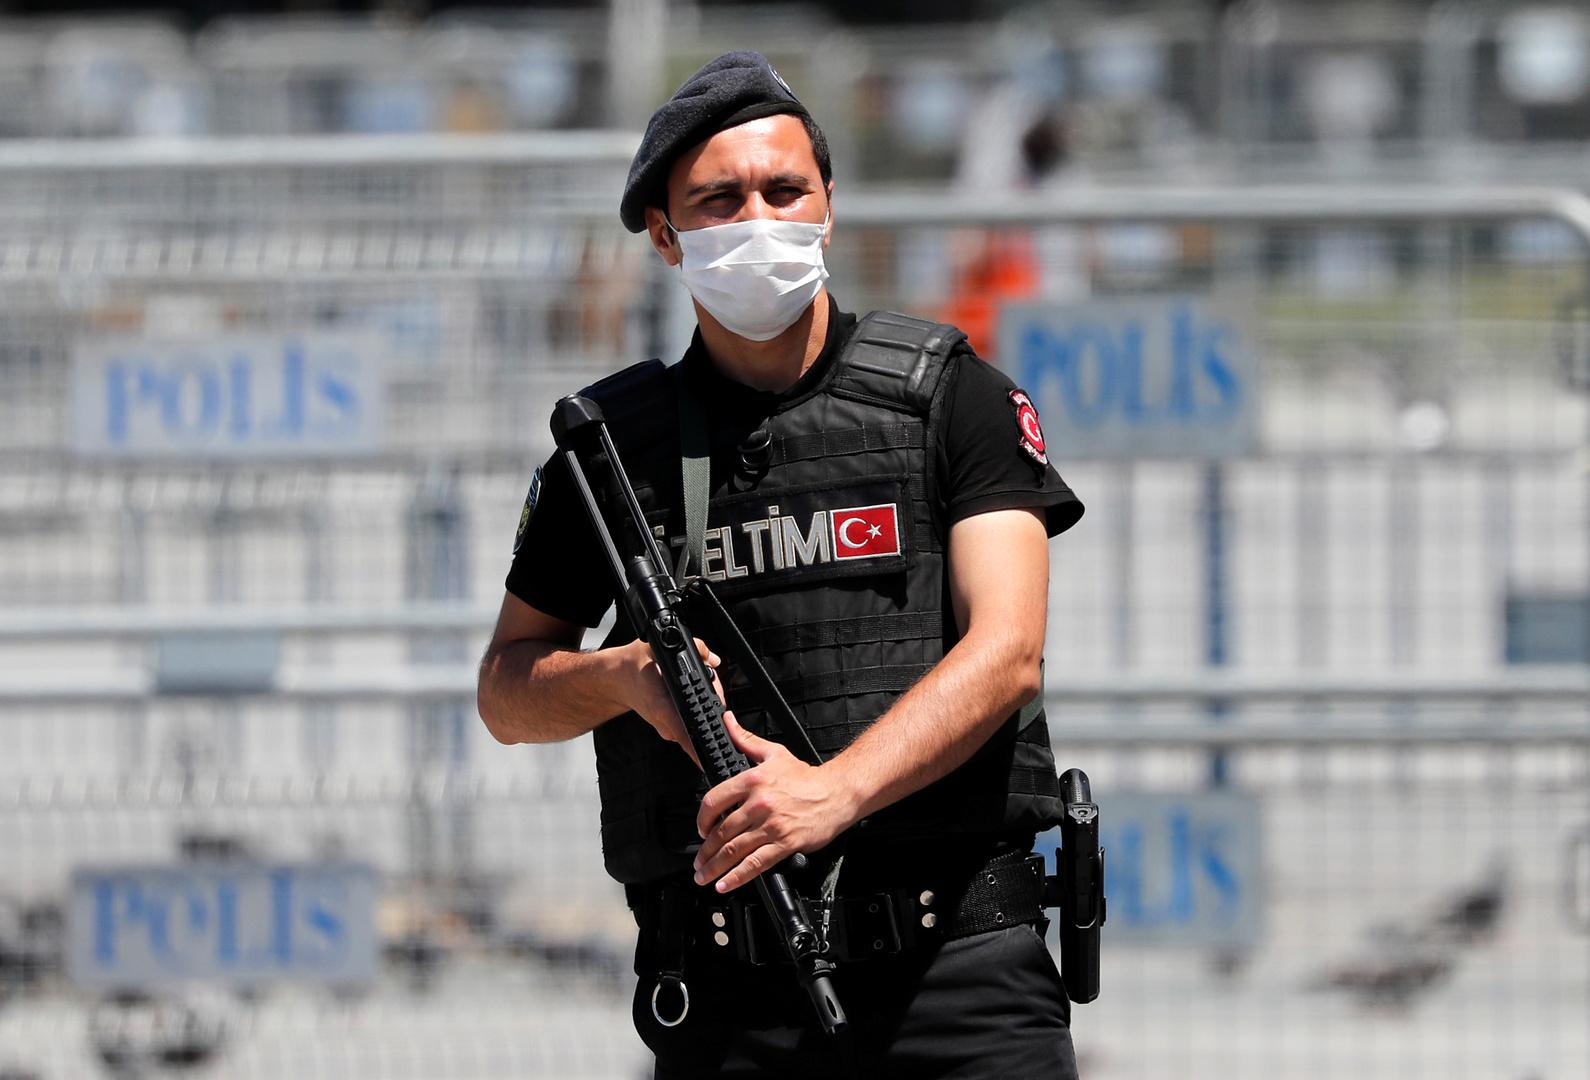 الشرطة التركية تعتقل نحو 20 عراقيا في أنقرة بتهمة العمل مع